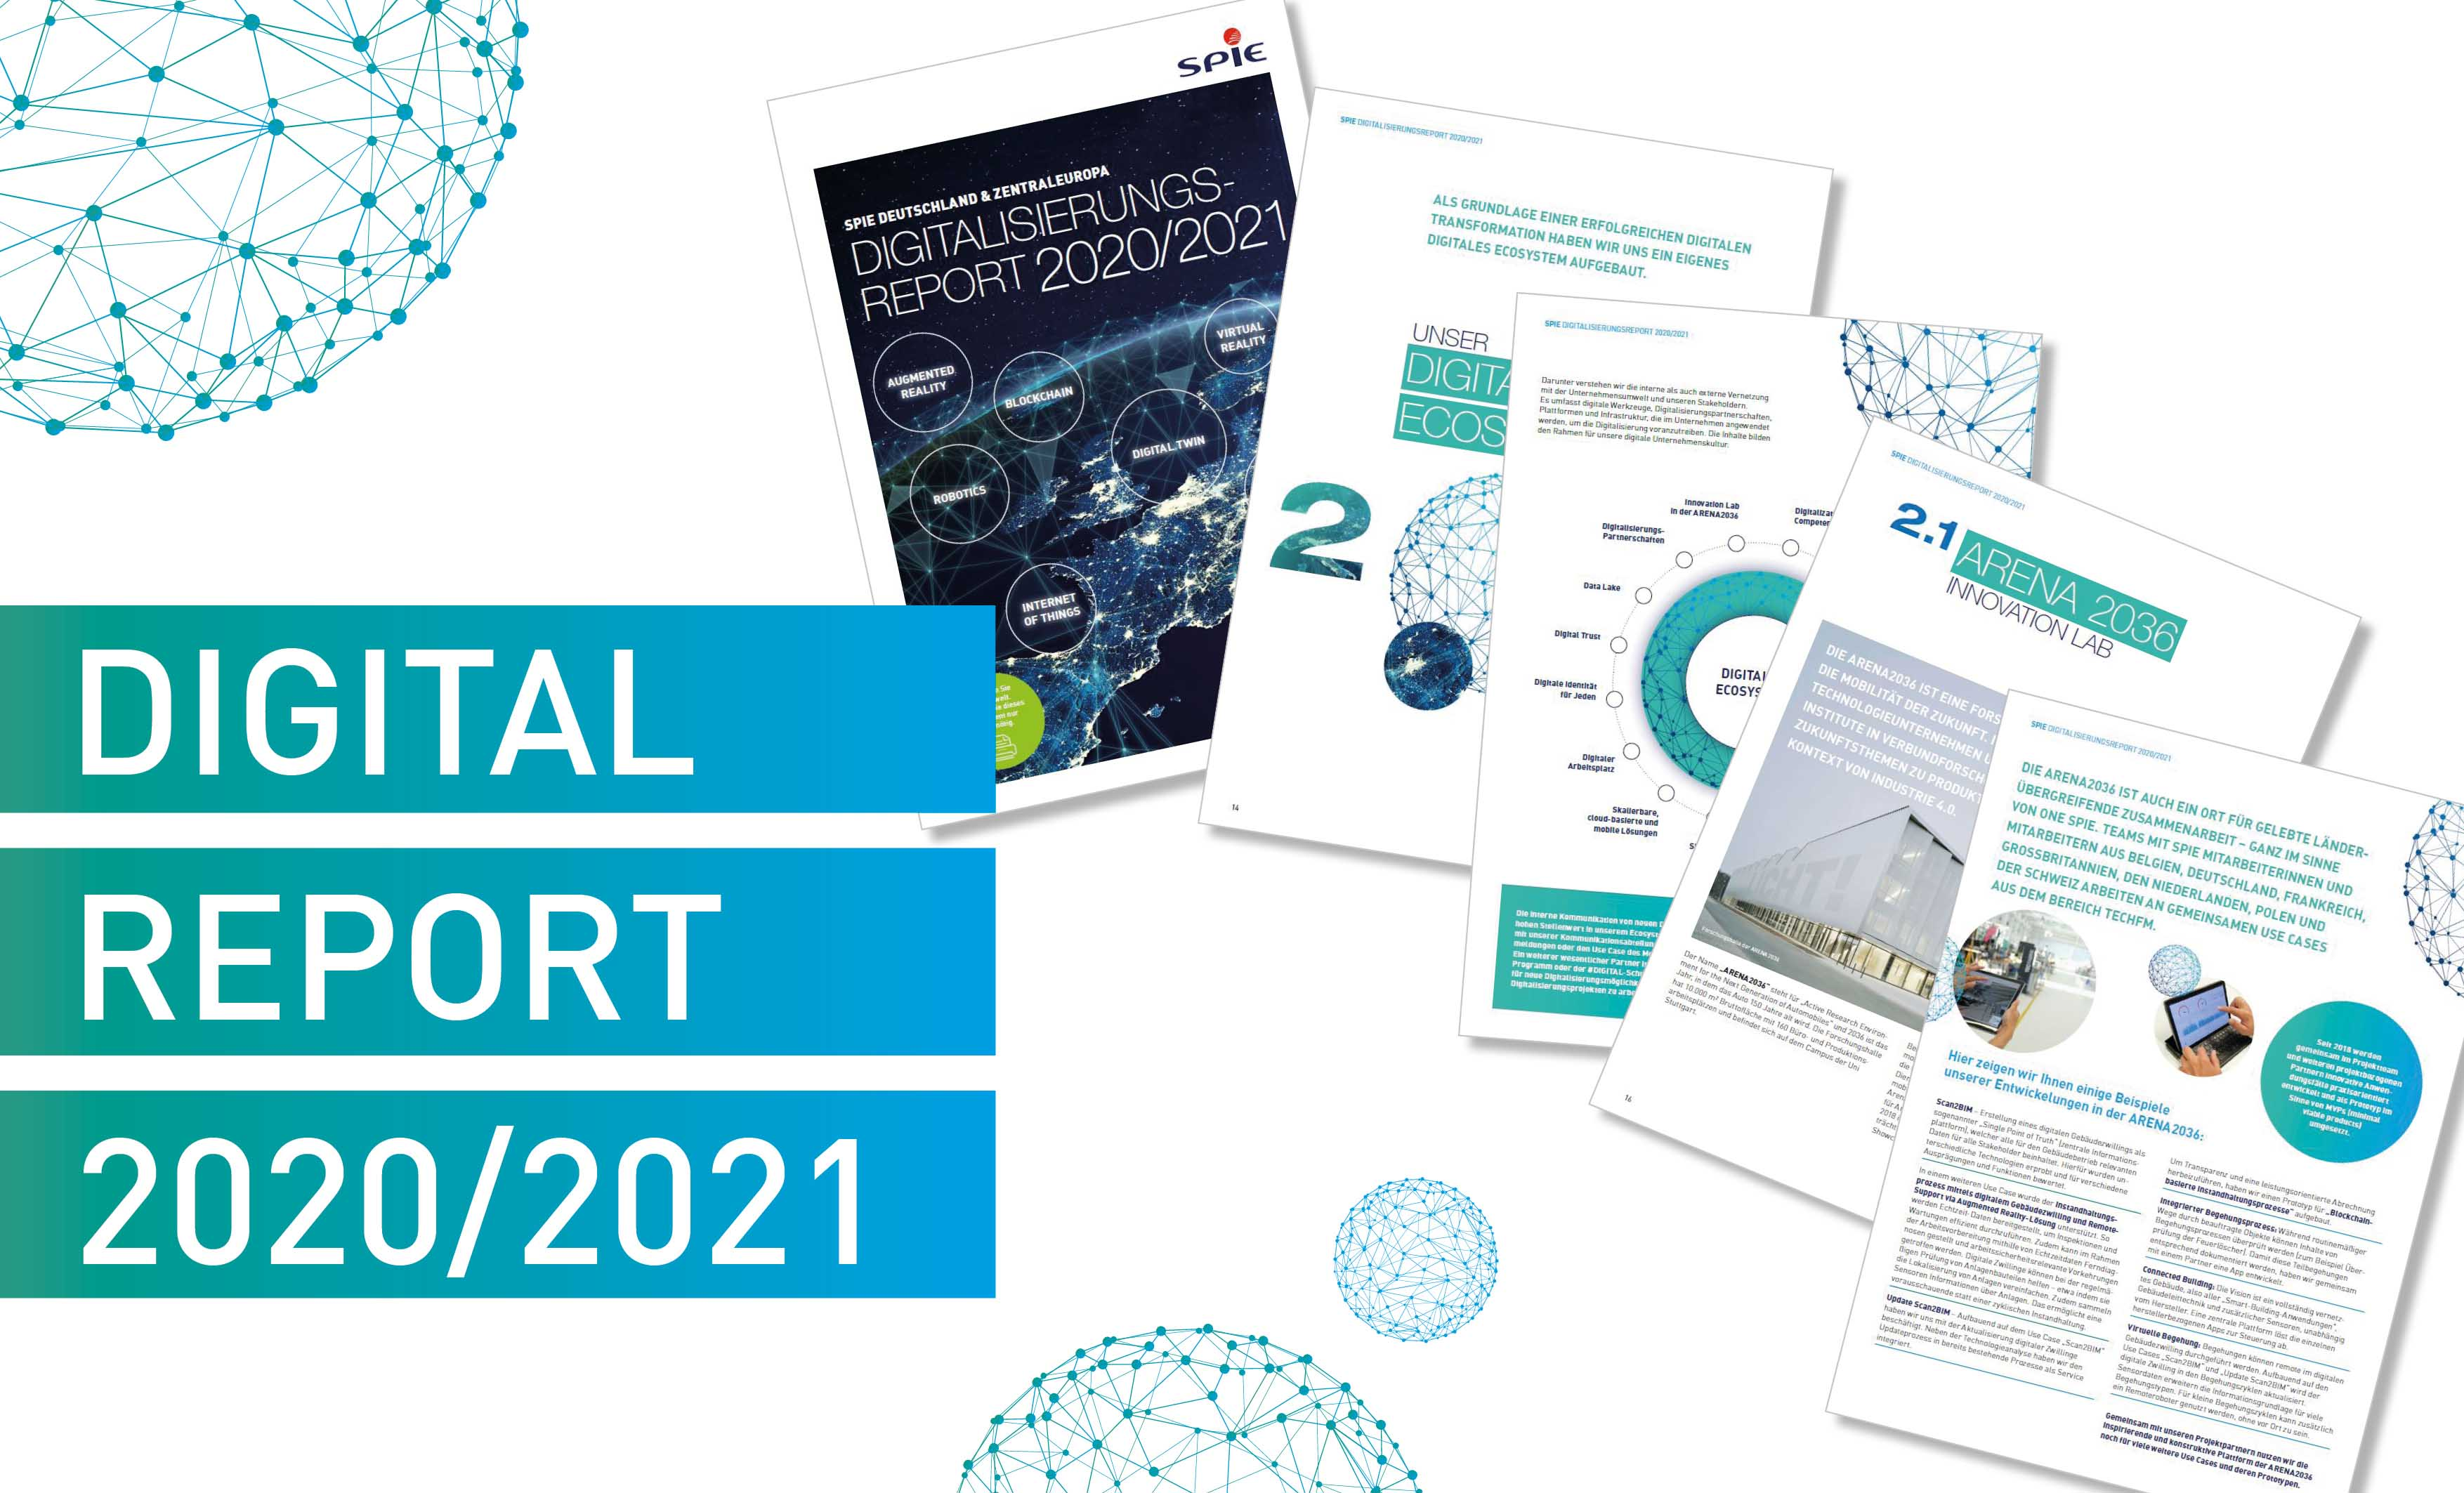 SPIE Digitalisierungsreport 2020_2021 - Bildnachweis SPIE